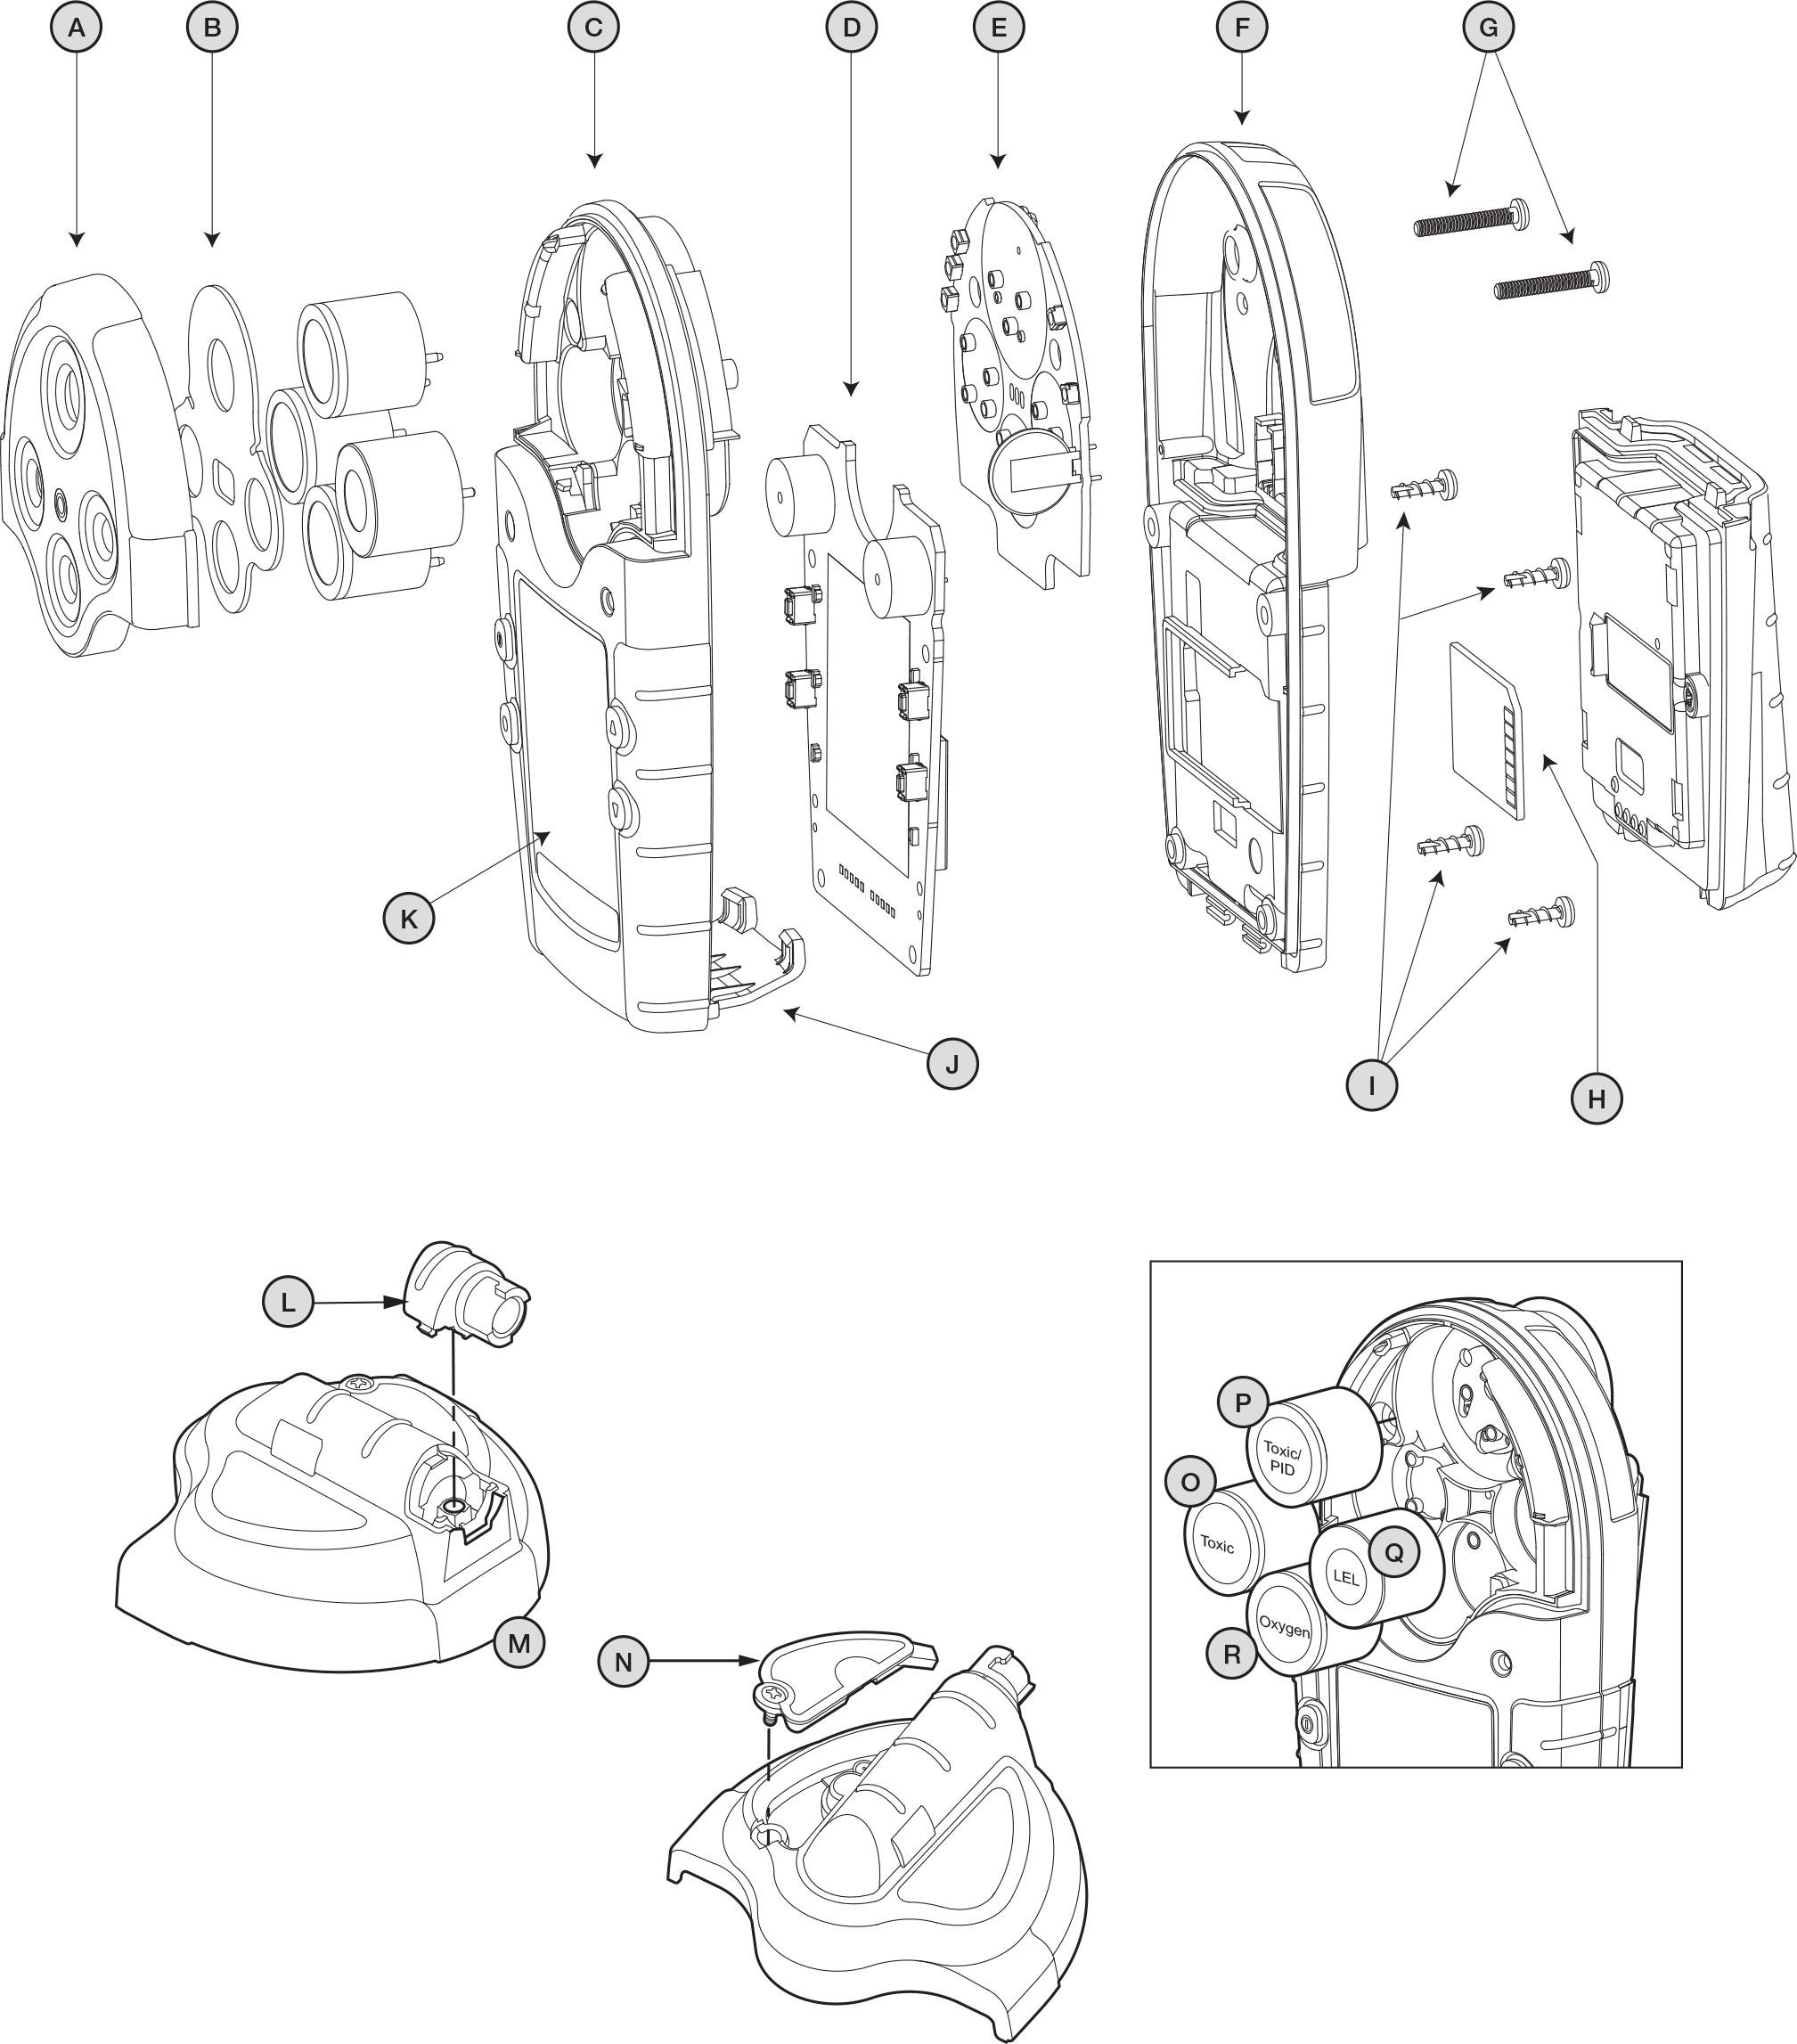 kiln wiring diagram wiring diagram database 3.5Mm Stereo Jack Wiring Diagram pid ssr wiring diagram database electric plug wiring diagram kiln wiring diagram